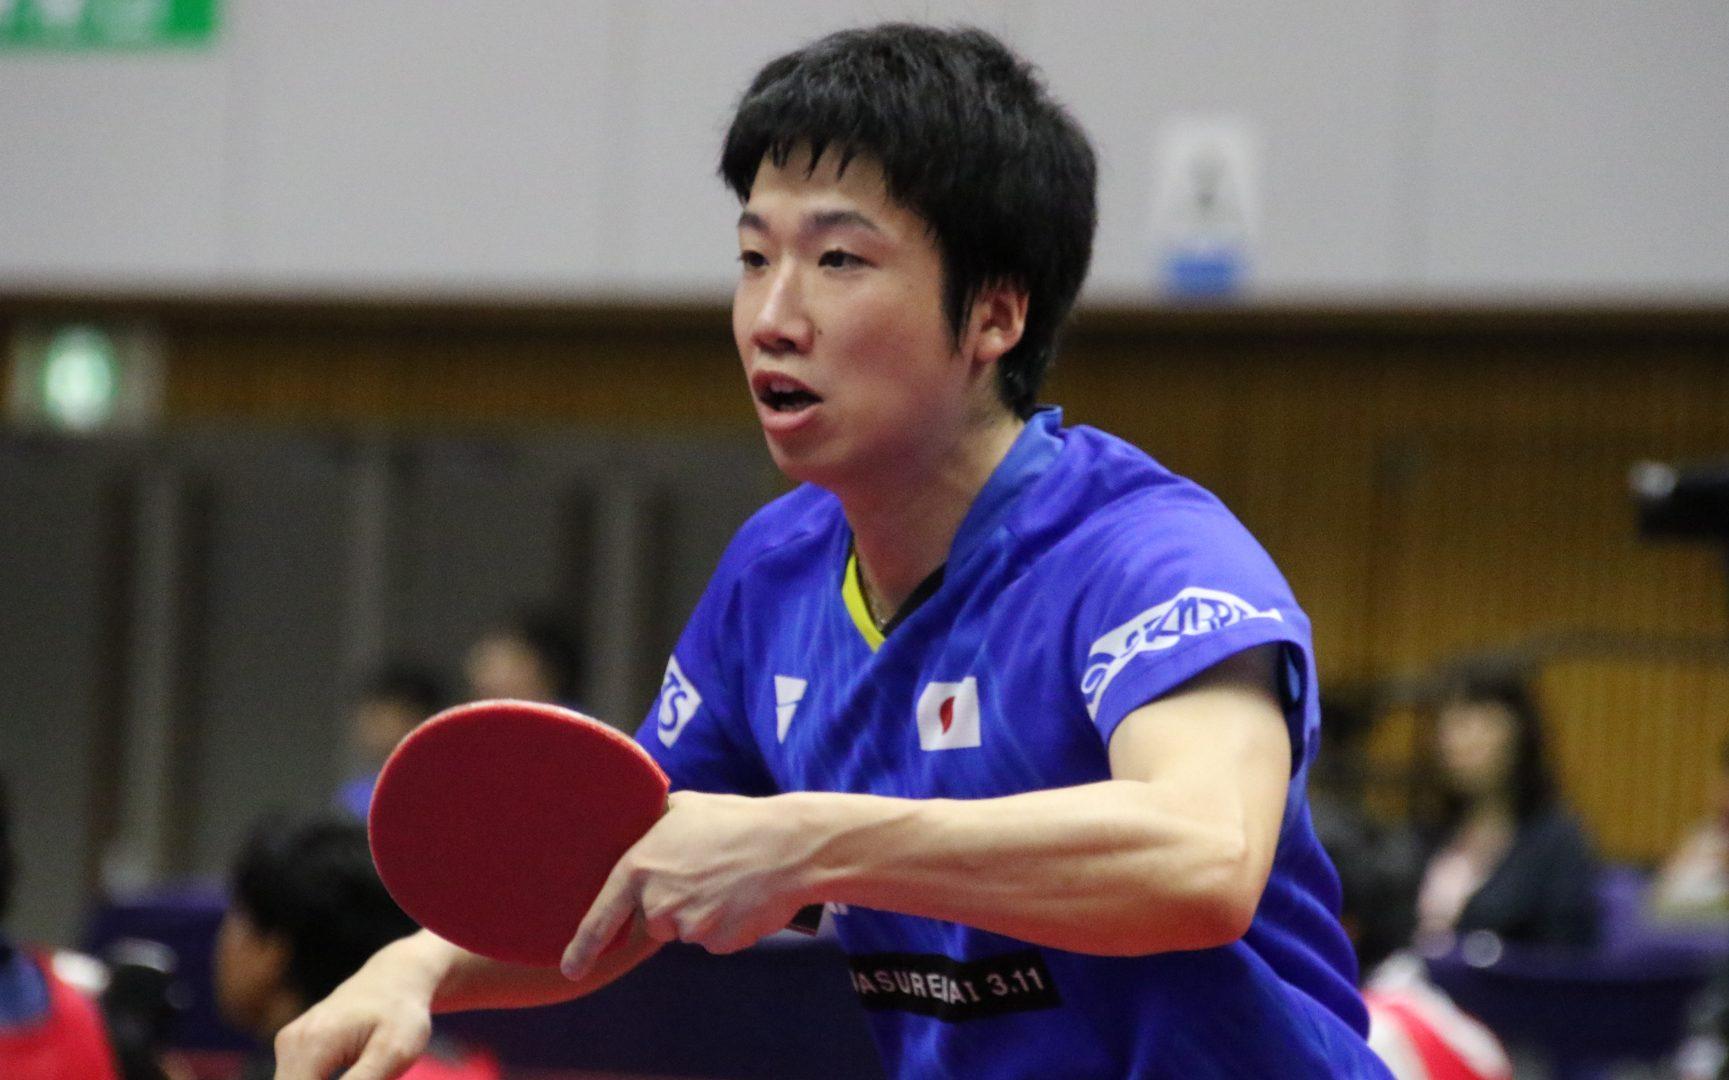 水谷隼、世界ランク7位の中国選手に惜敗 「勝つチャンスがあっただけに悔しい」<ライオン卓球ジャパンOP荻村杯>